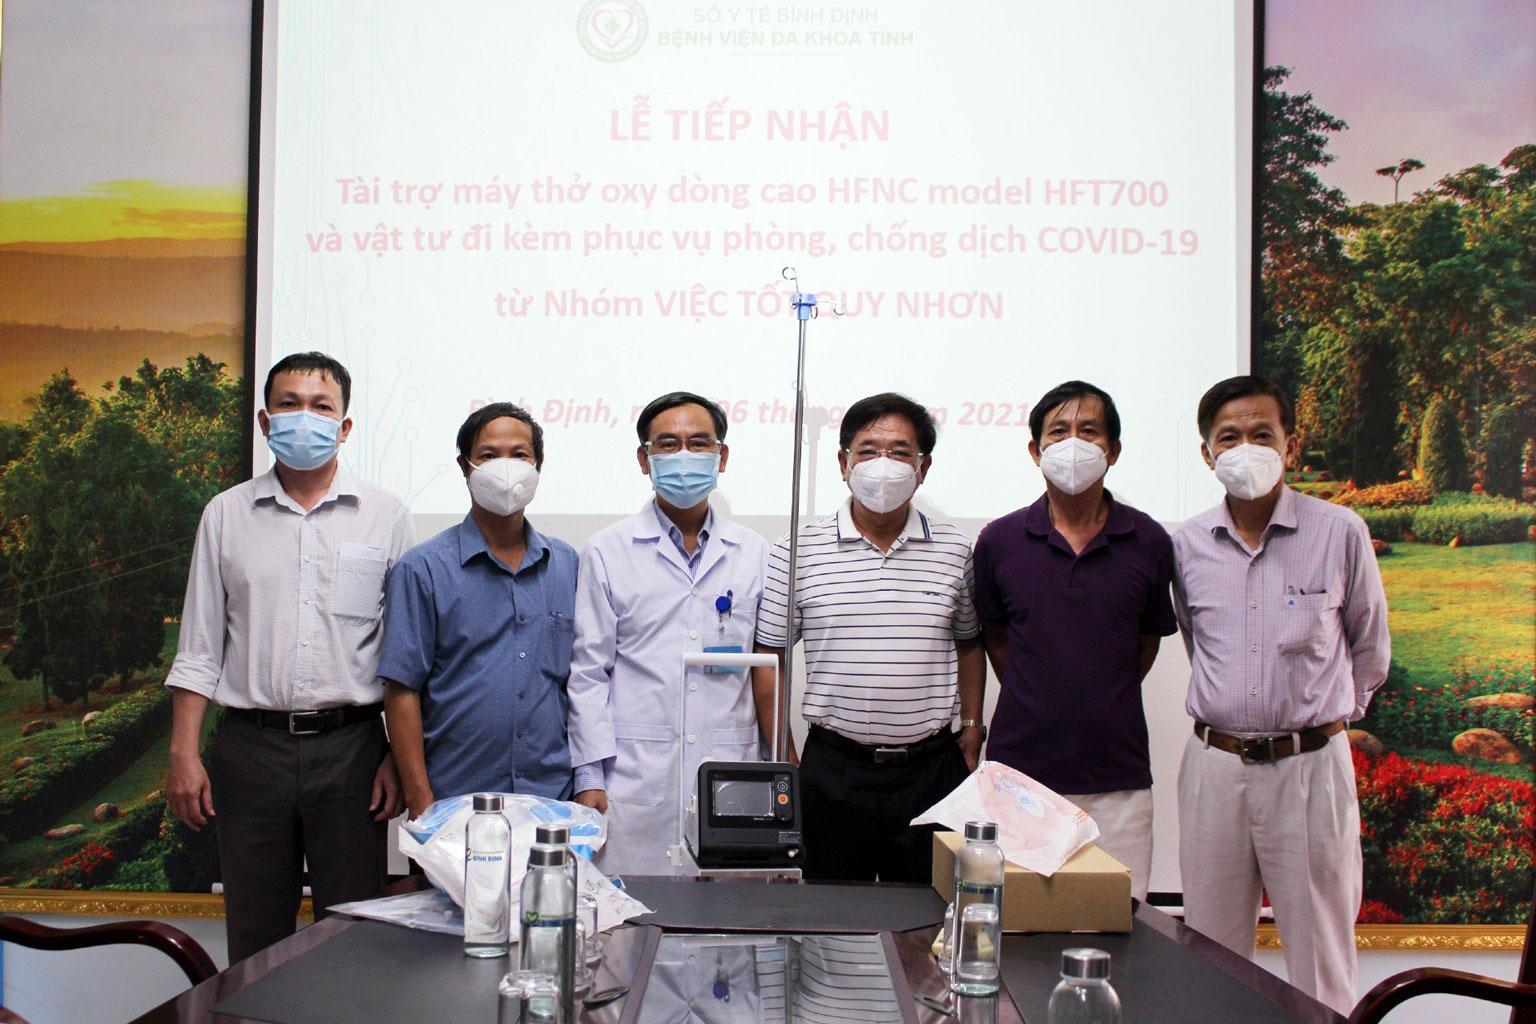 Nhóm VIỆC TỐT QUY NHƠN tiếp tục ủng hộ 01 máy thở Oxy dòng cao HFNC phục vụ phòng, chống dịch Covid-19